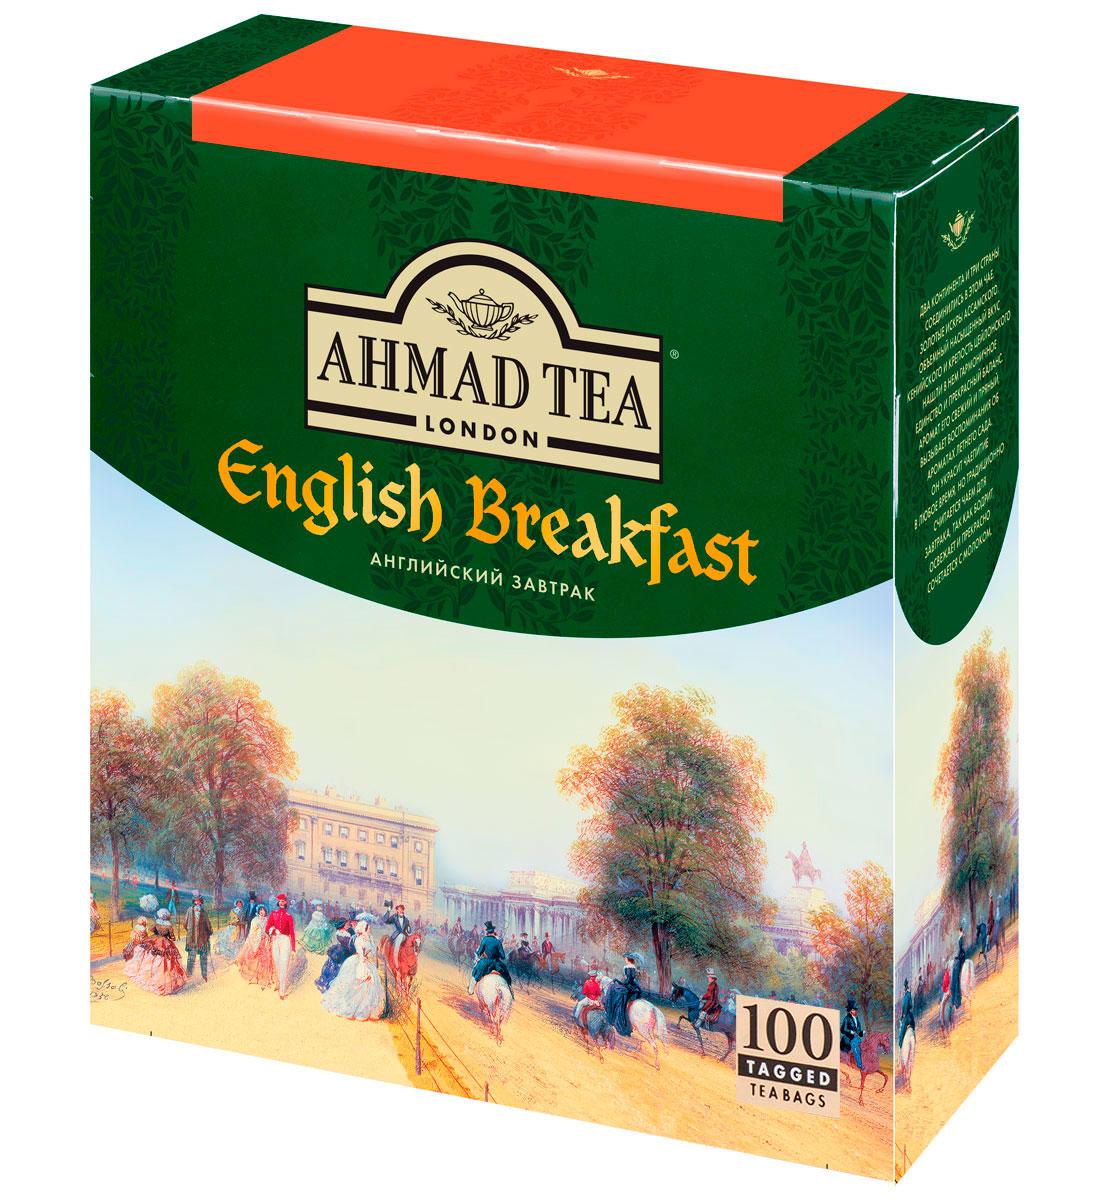 Ahmad Tea English Breakfast черный чай в пакетиках, 100 шт600Два континента и три страны соединились в чае Ahmad English Breakfast. Золотистые искры ассамского, объемный и насыщенный вкус кенийского и крепость цейлонского нашли в нем гармоничное единство и прекрасный баланс. Аромат его свежий и пряный, вызывает воспоминания об ароматах летнего сада. Он украсит чаепитие в любое время, но традиционно считается чаем для завтрака, так как бодрит, освежает и прекрасно сочетается с молоком. Заваривать 5-7 минут, температура воды 100 °С.